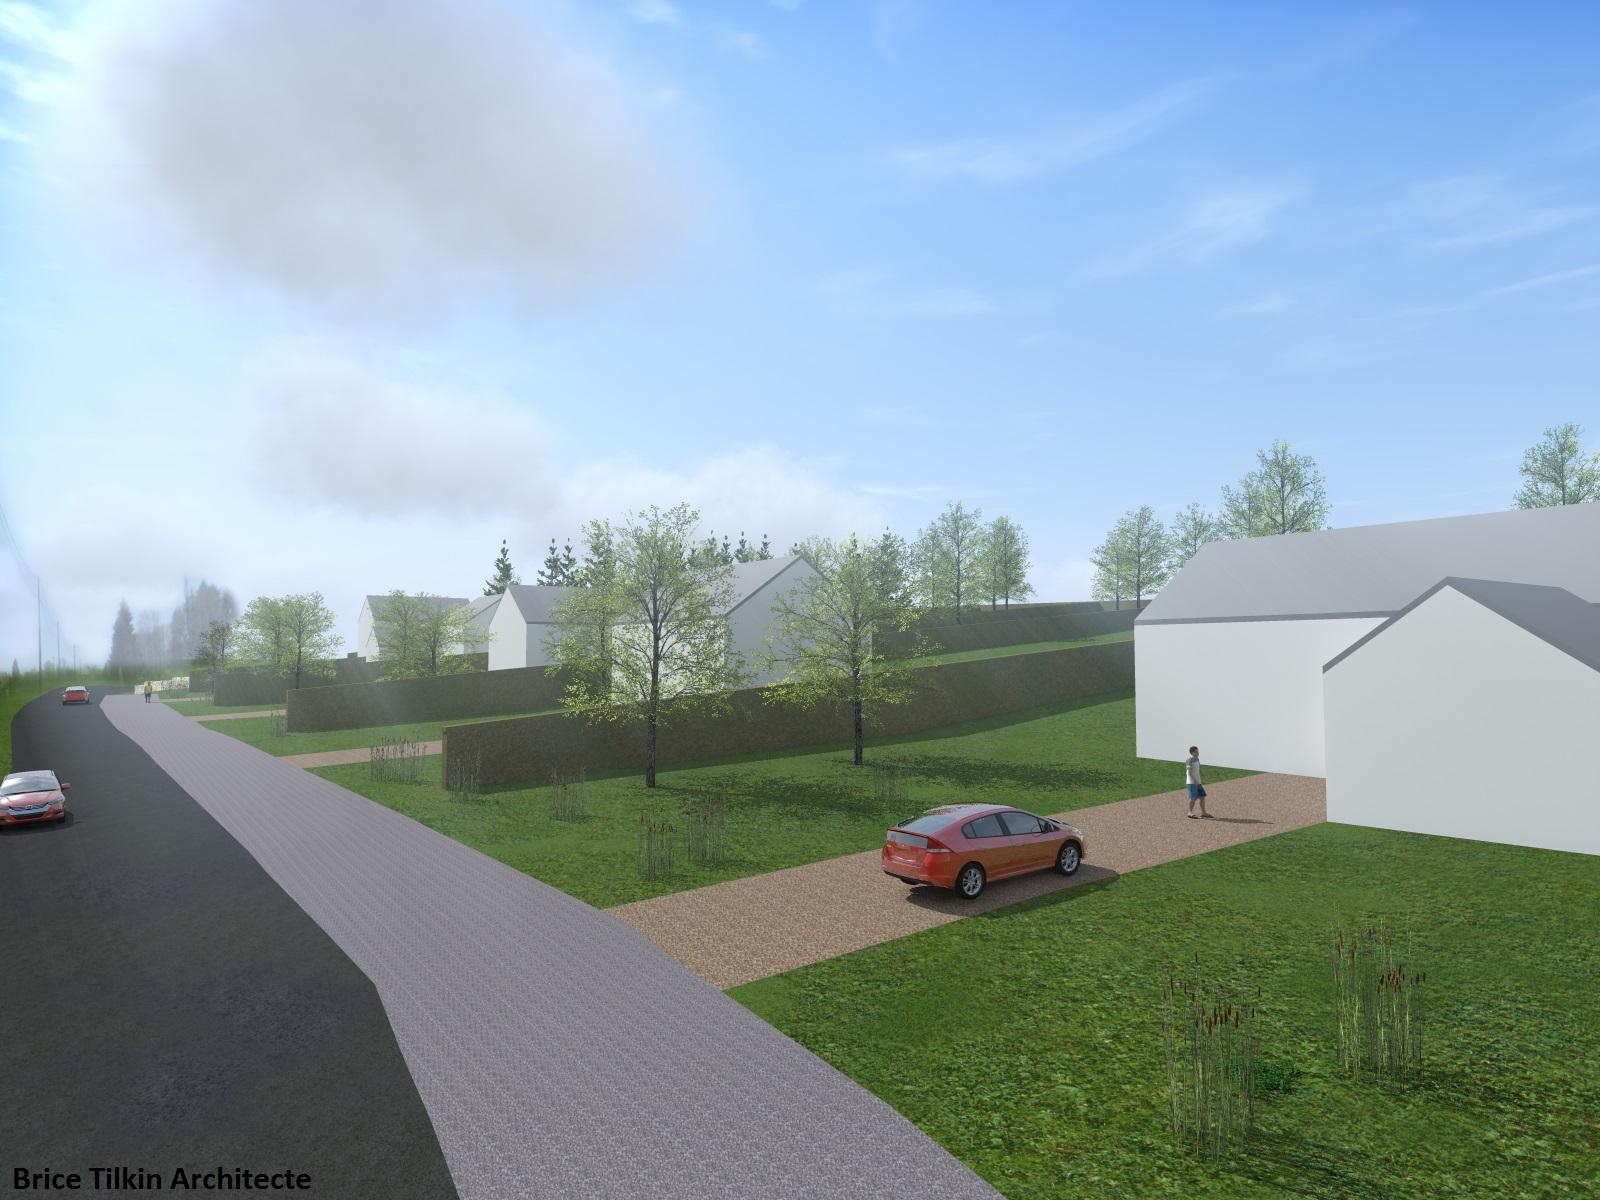 tilkin brice architecte li ge permis de lotir 6 bureau d 39 architecture tilkin. Black Bedroom Furniture Sets. Home Design Ideas